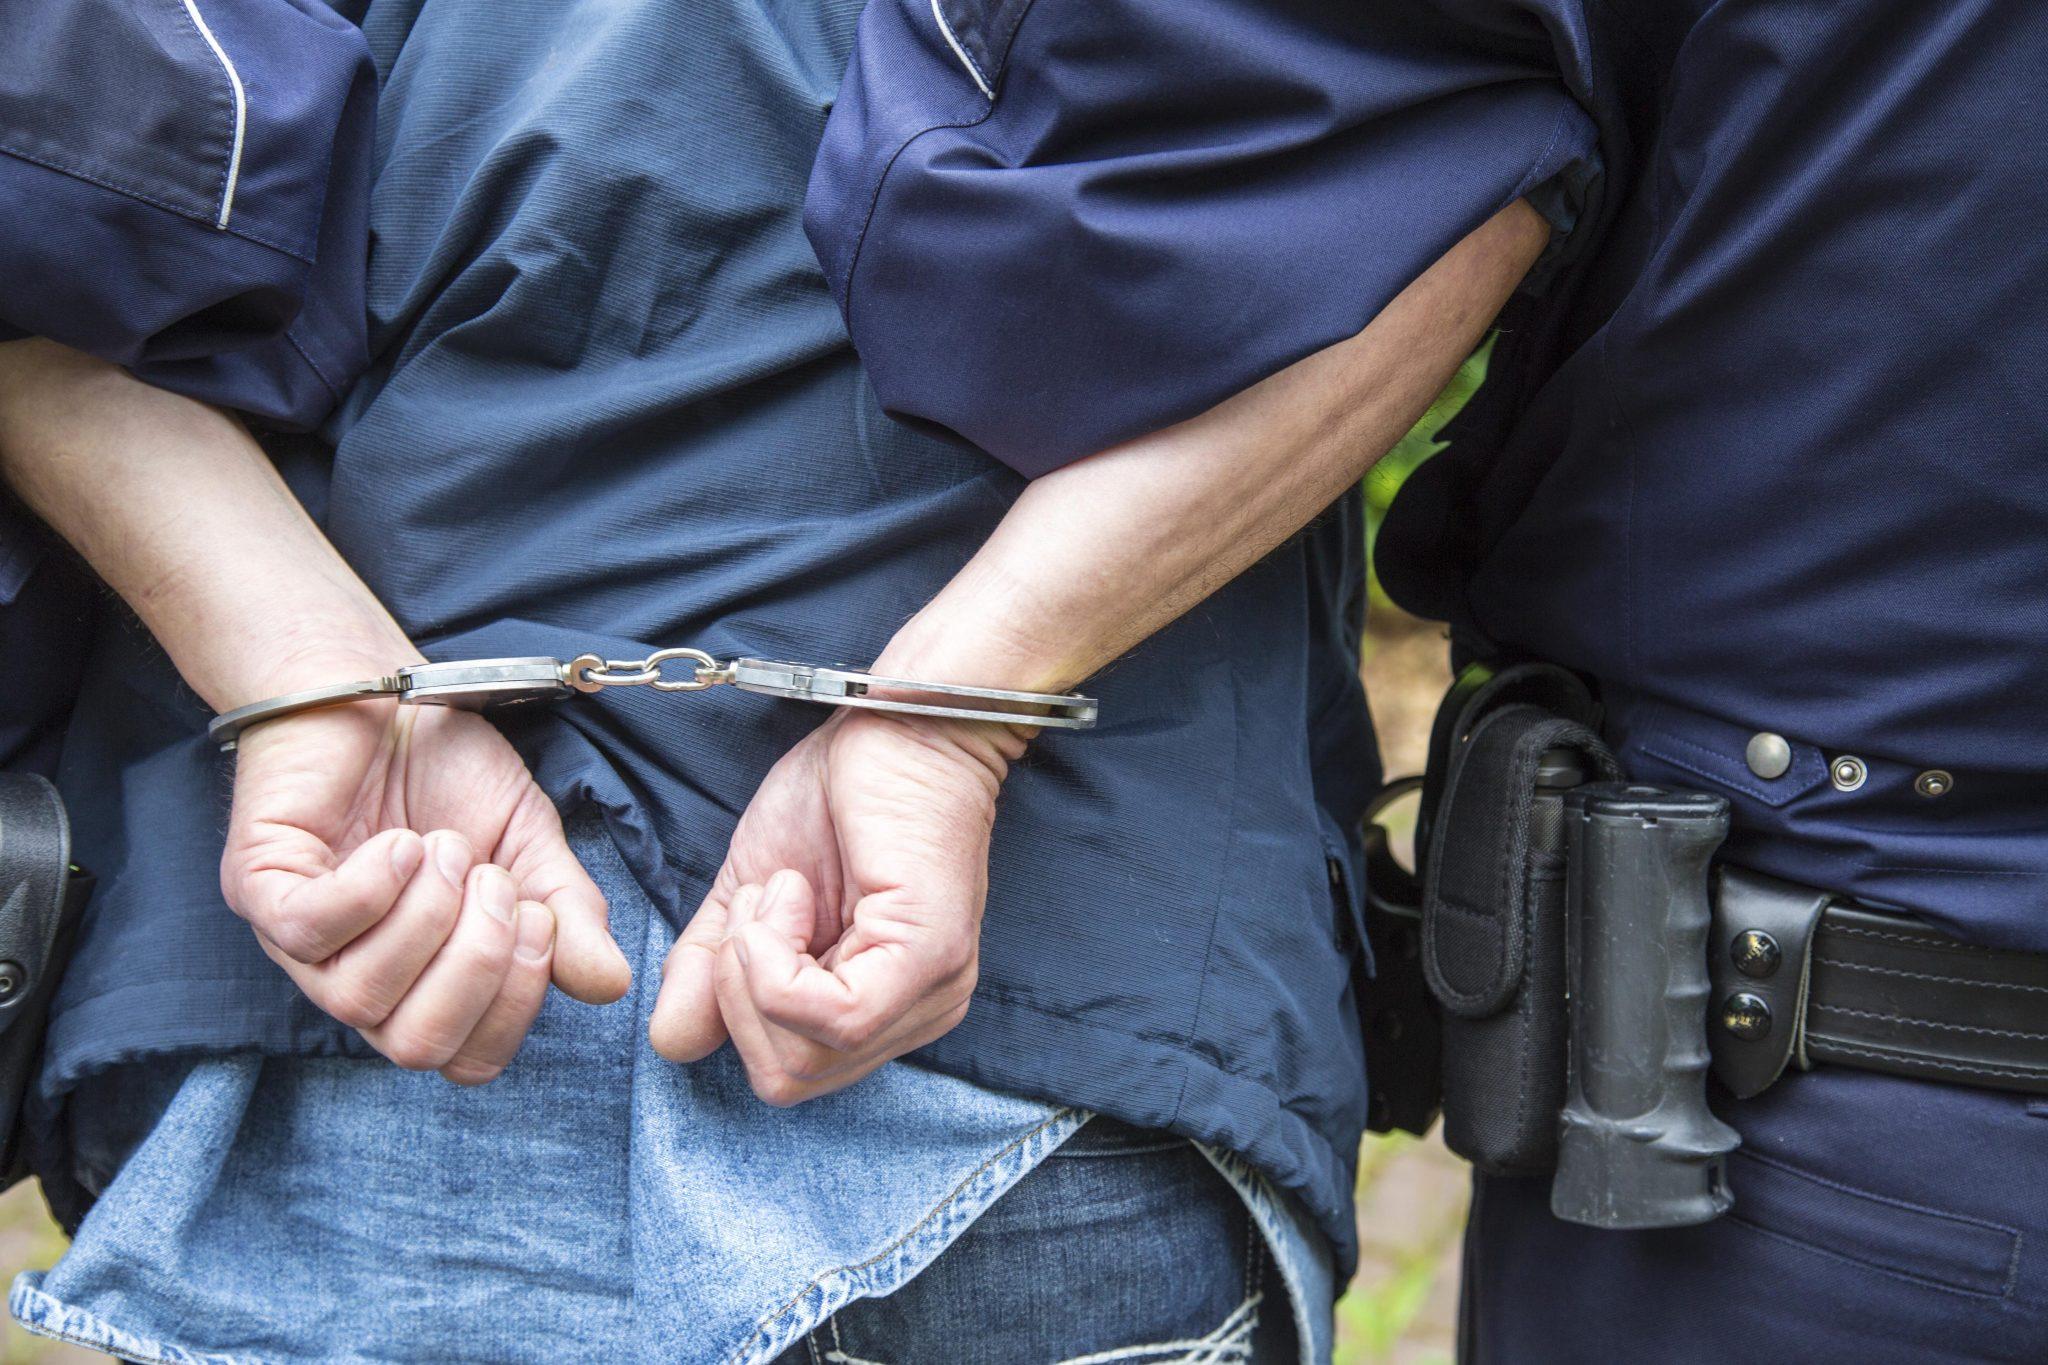 Festnahme: Die Berliner Polizei verdächtigt einen syrischen Flüchtling der Mitgliedschaft in einer islamistischen Terrorganisation (Symbolbild)